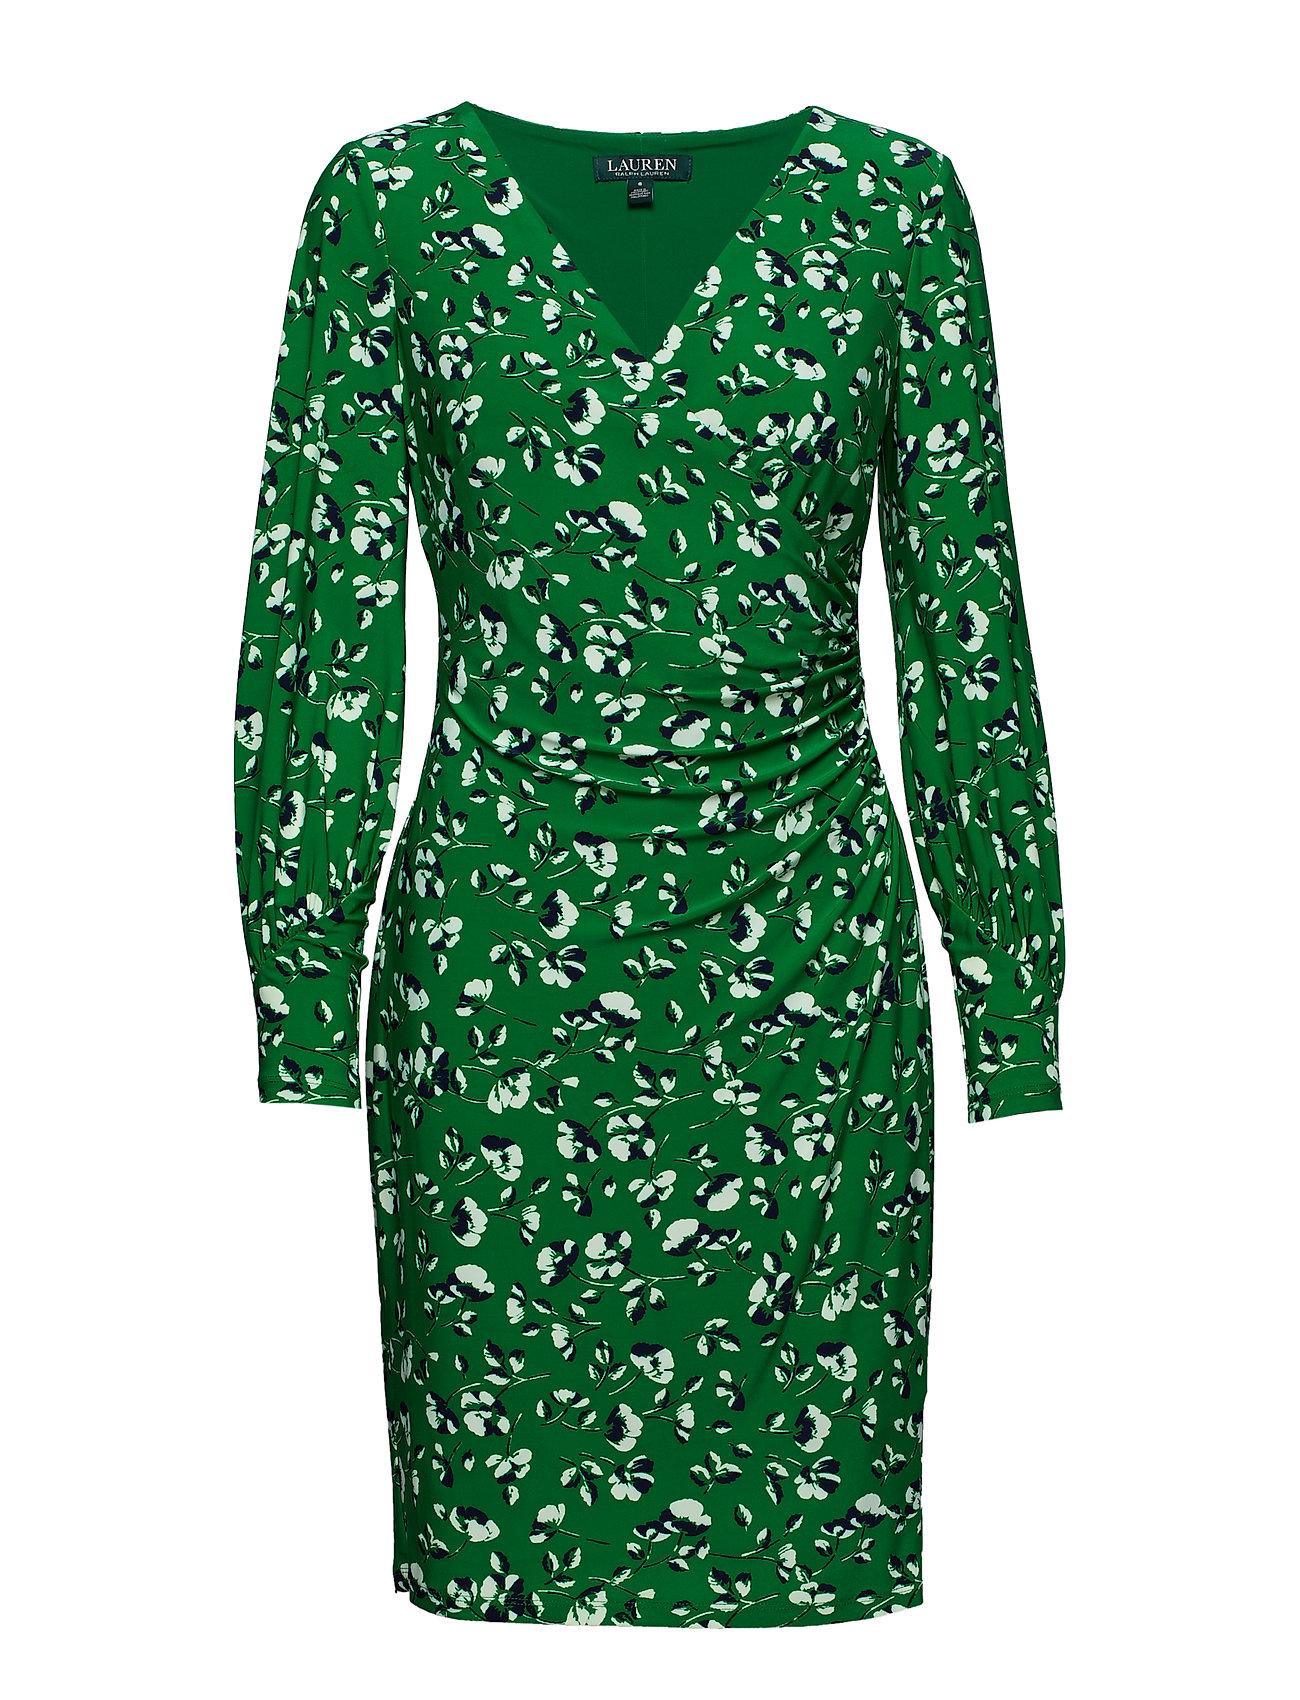 Lauren Ralph Lauren Floral-Print Jersey Dress - CAMBRDGE GRN/RCH